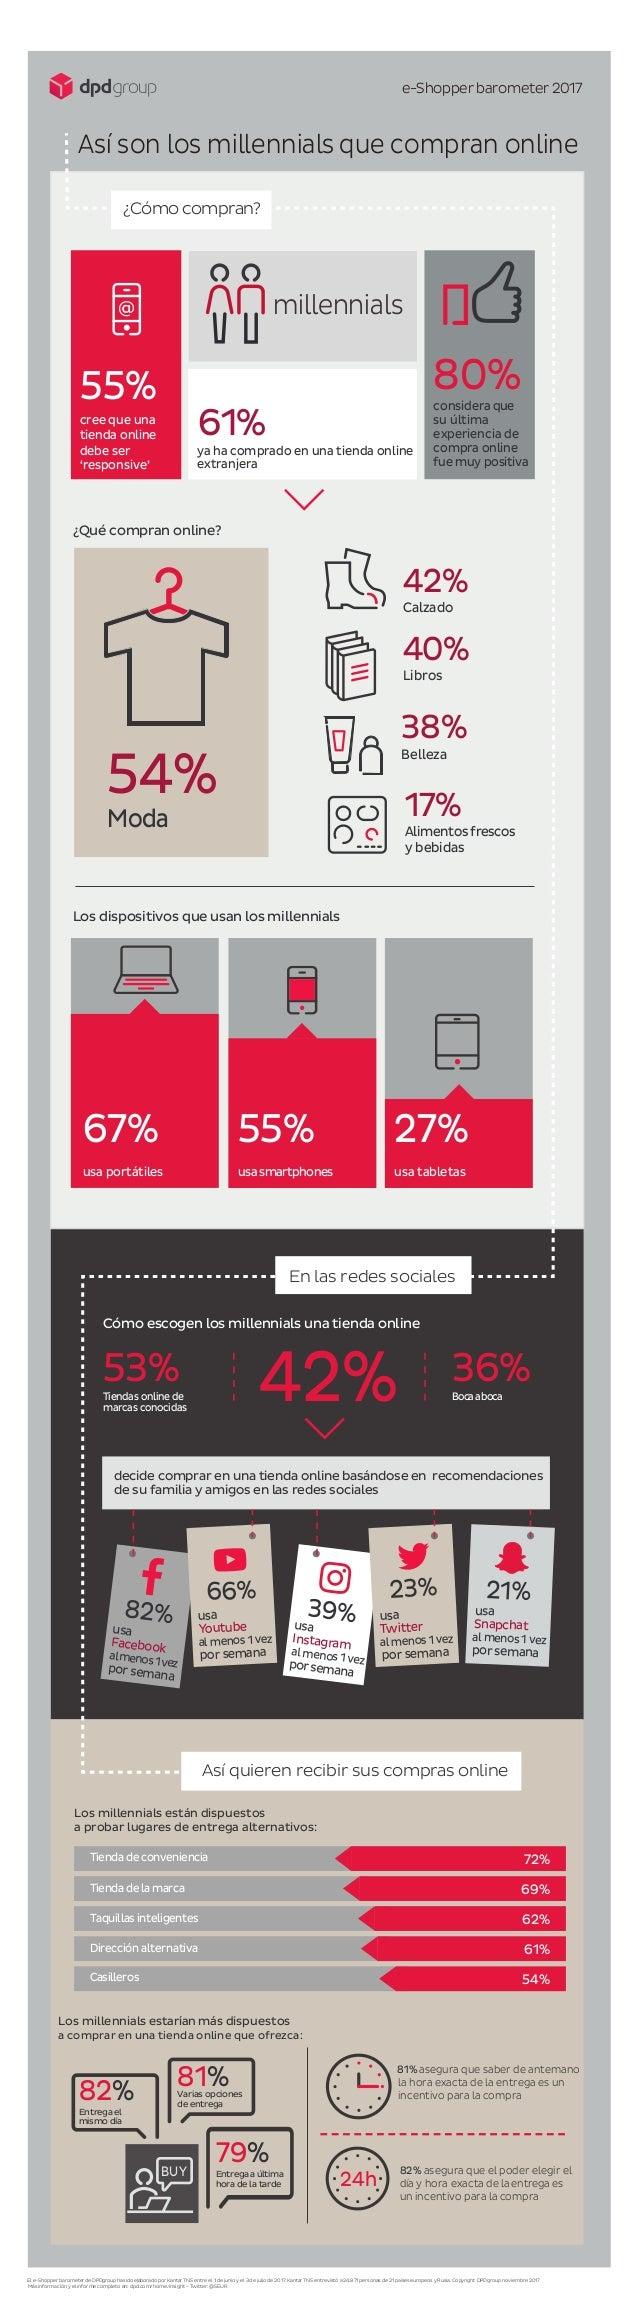 e-Shopper barometer 2017 Así son los millennials que compran online 61% ya ha comprado en una tienda online extranjera 80%...